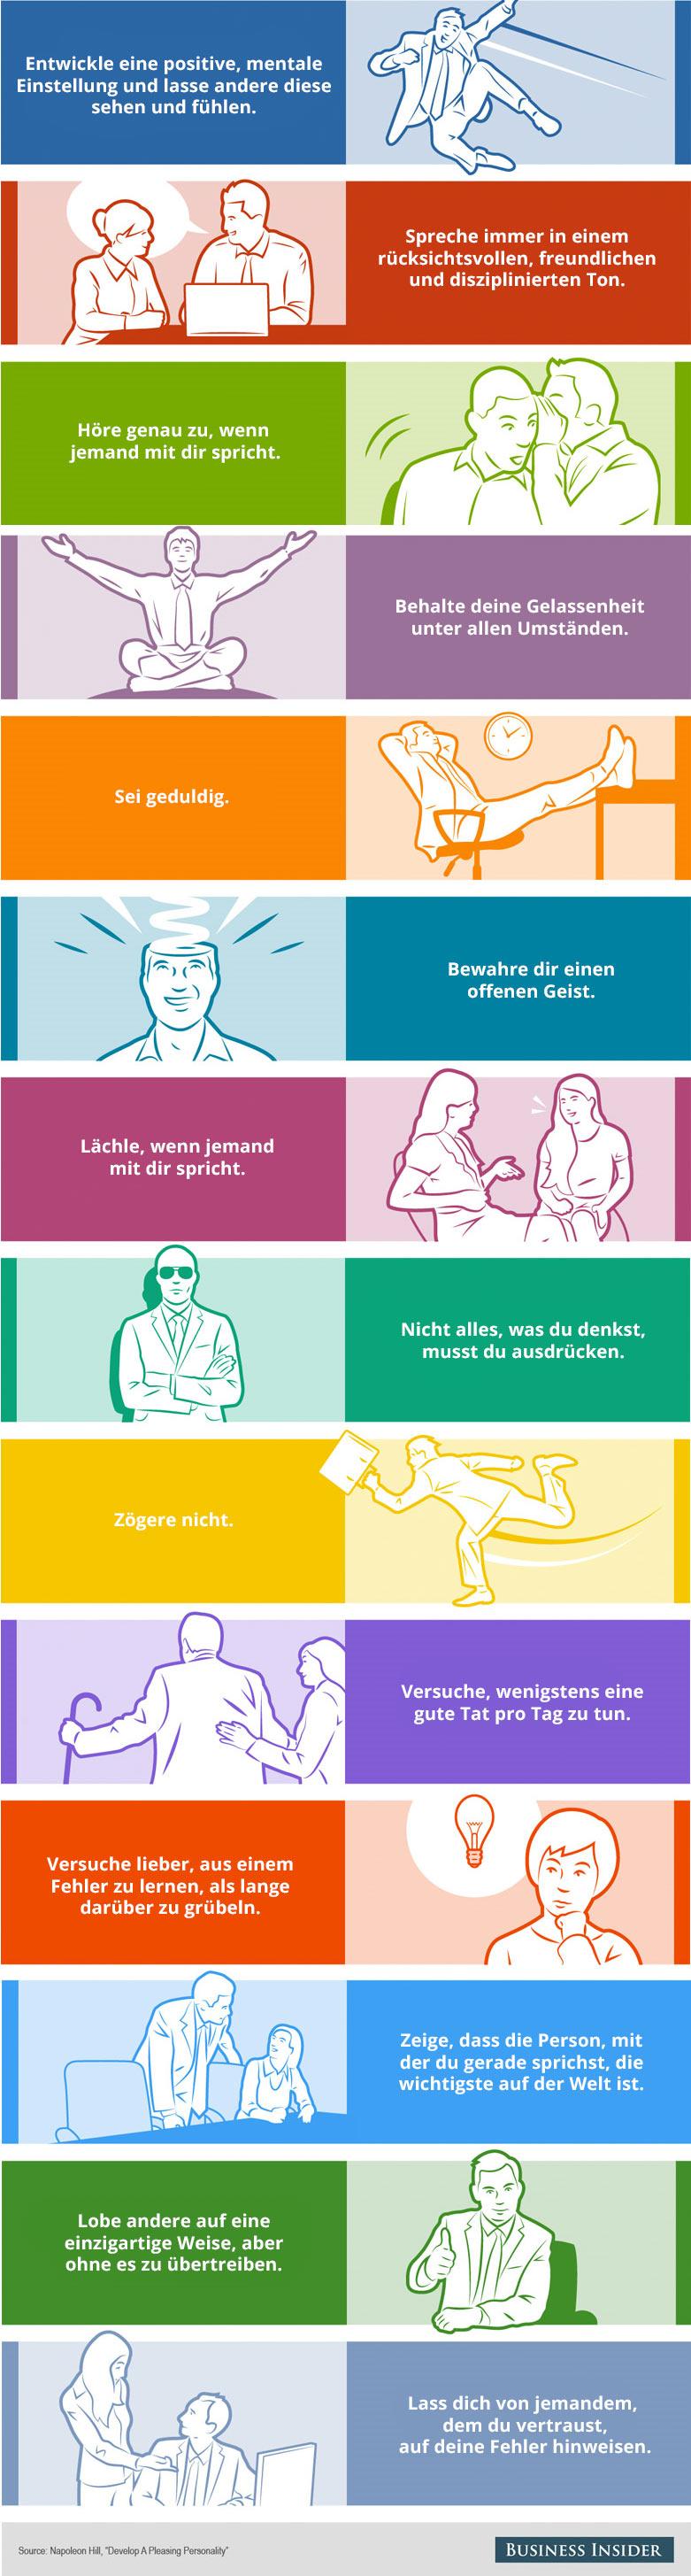 14-Gewohnheiten-von-außergewöhnlich-liebenswerten-Personen